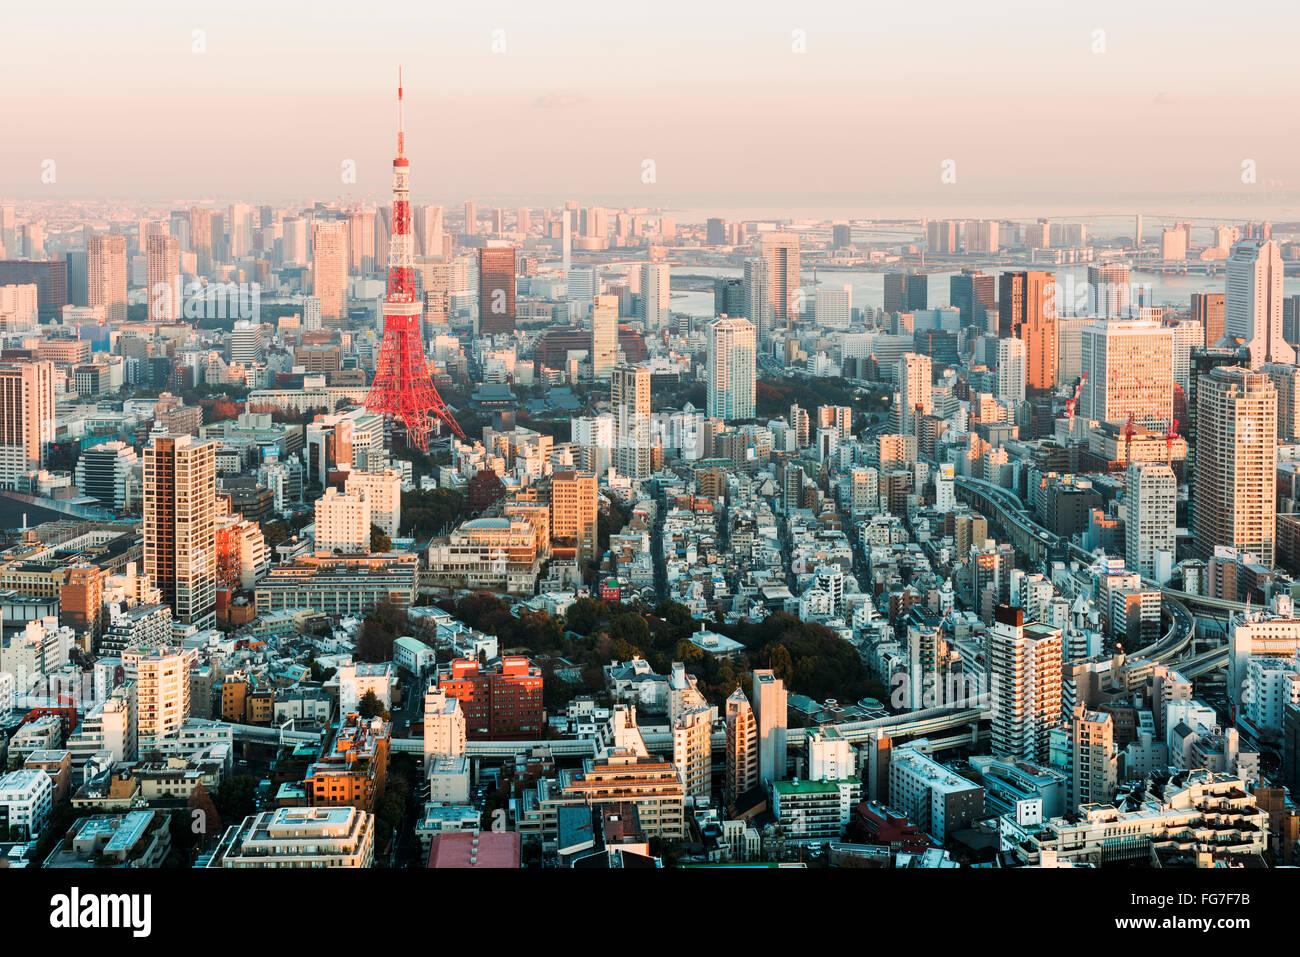 Tokio, Japón - 14 de enero de 2016: horizonte de Tokio al atardecer. Imagen De Stock